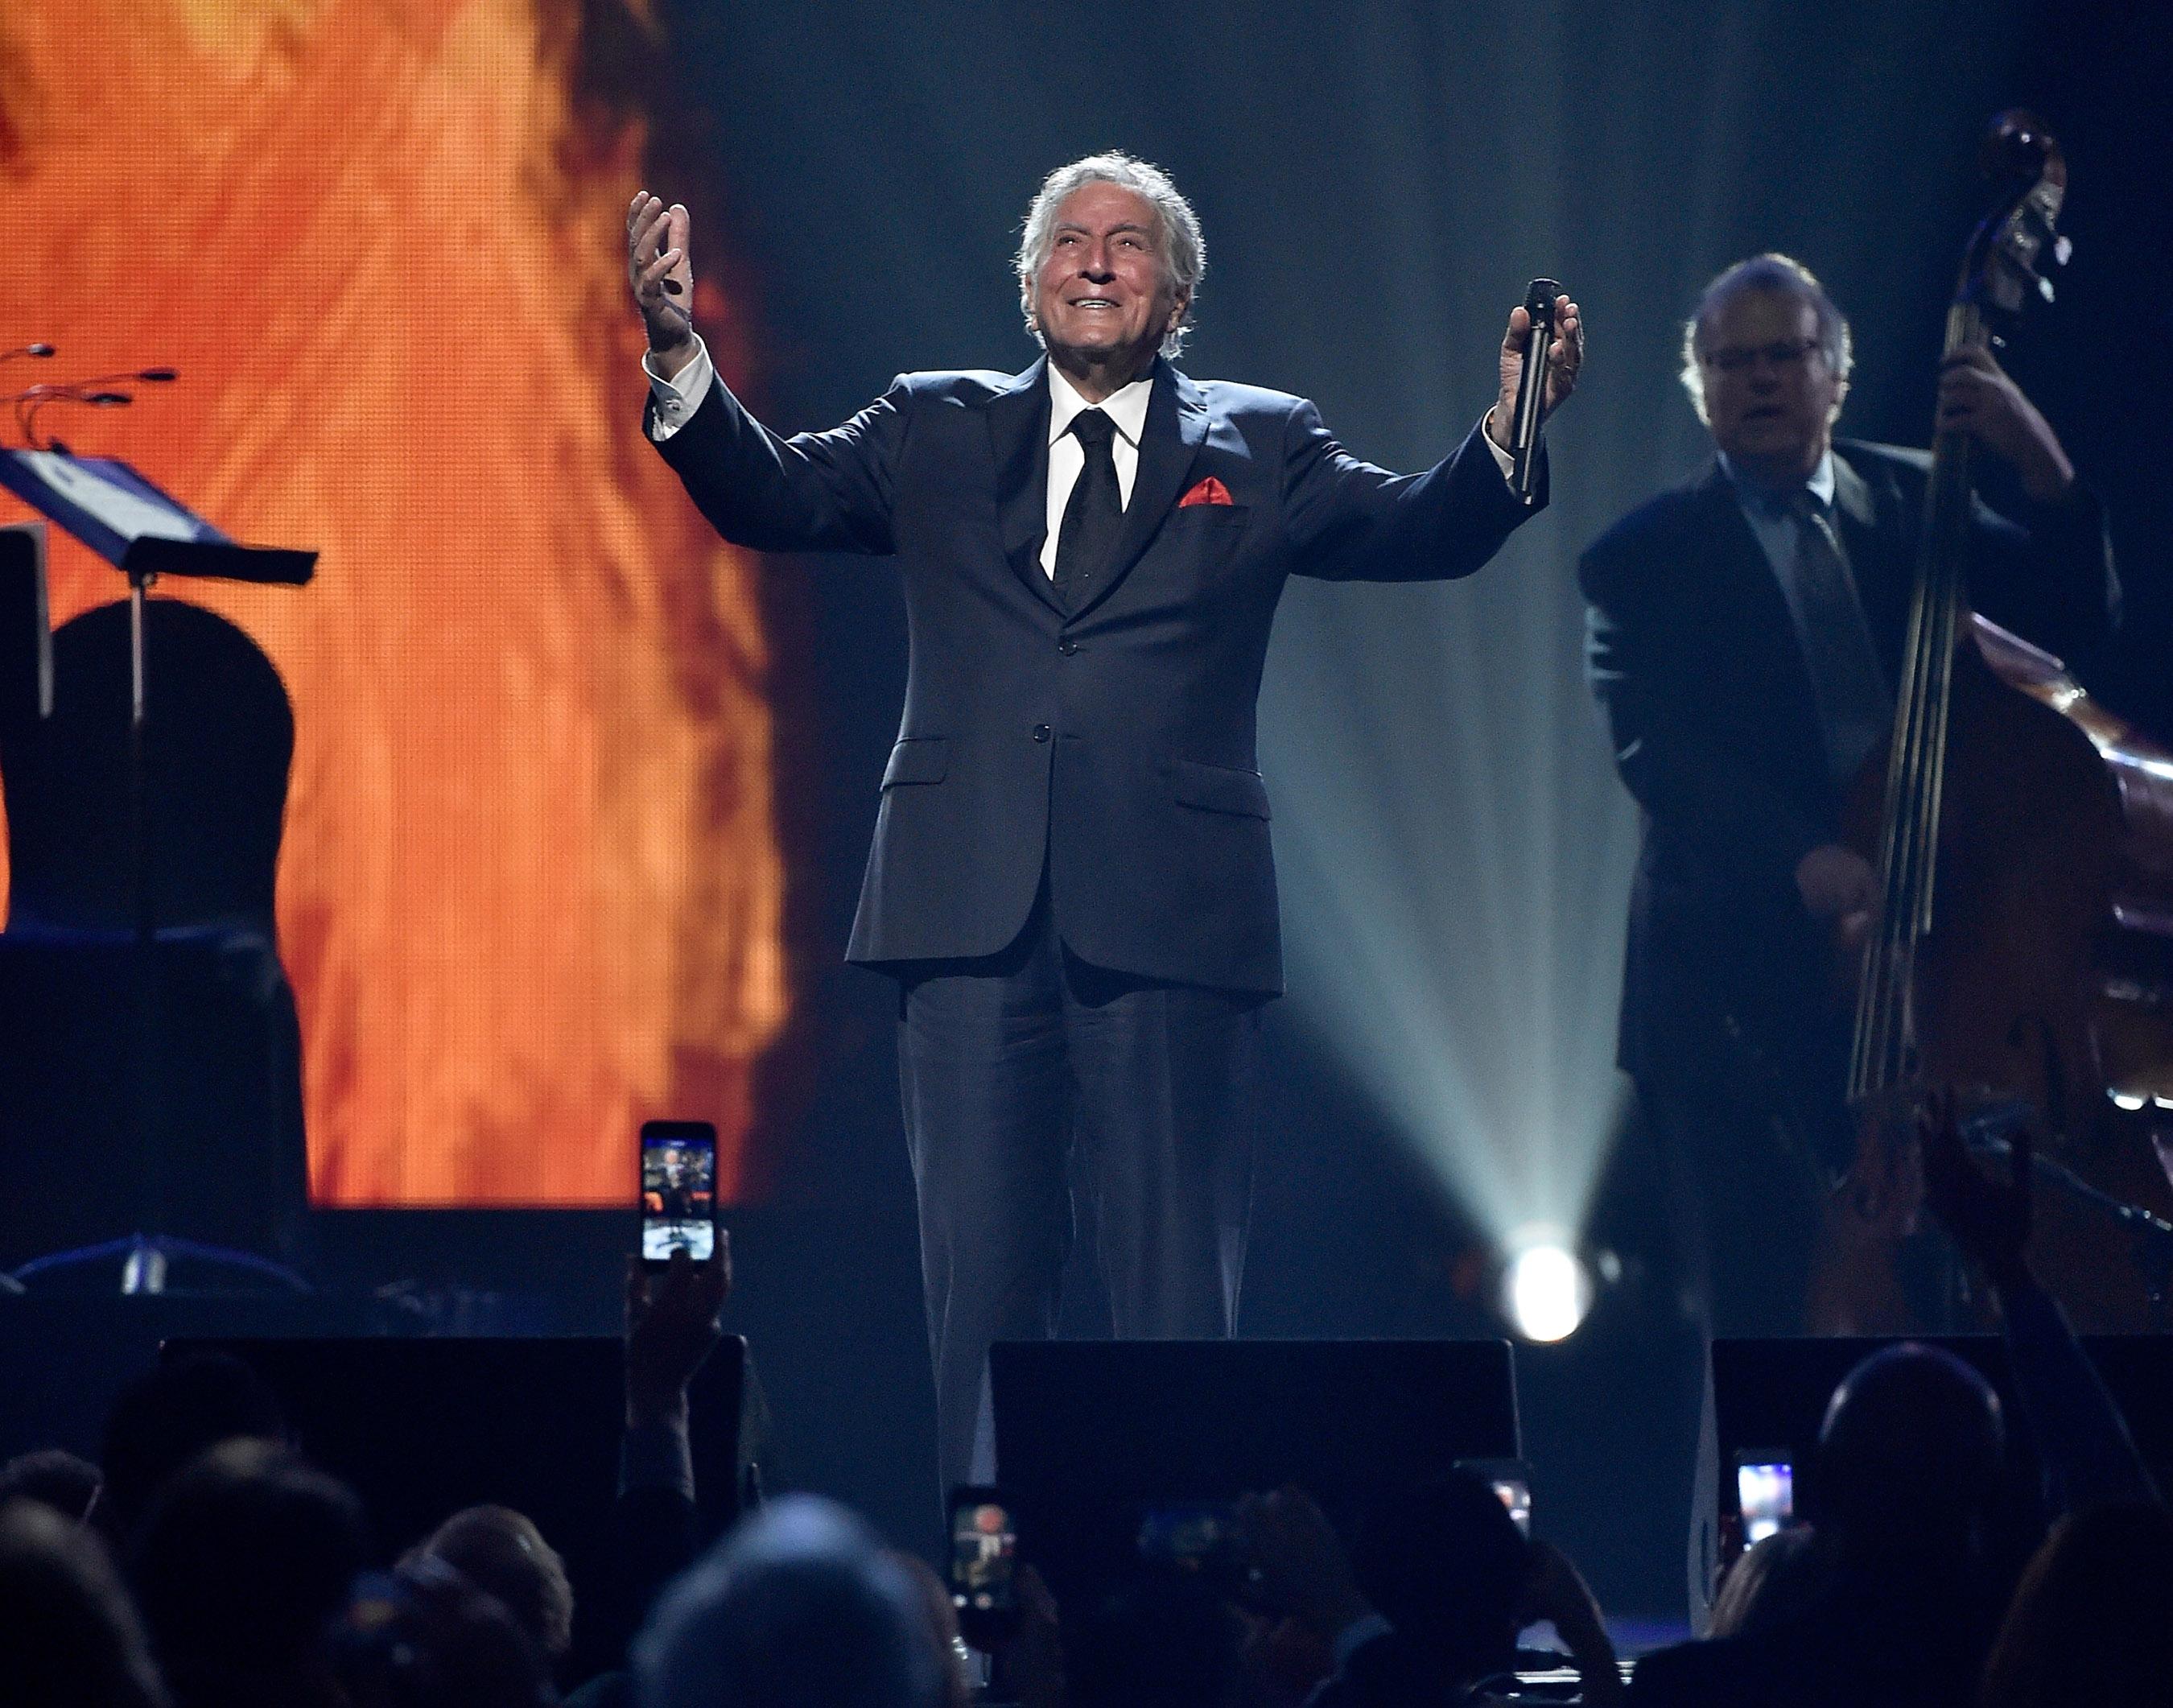 Tony Bennett performs at KMA Gala